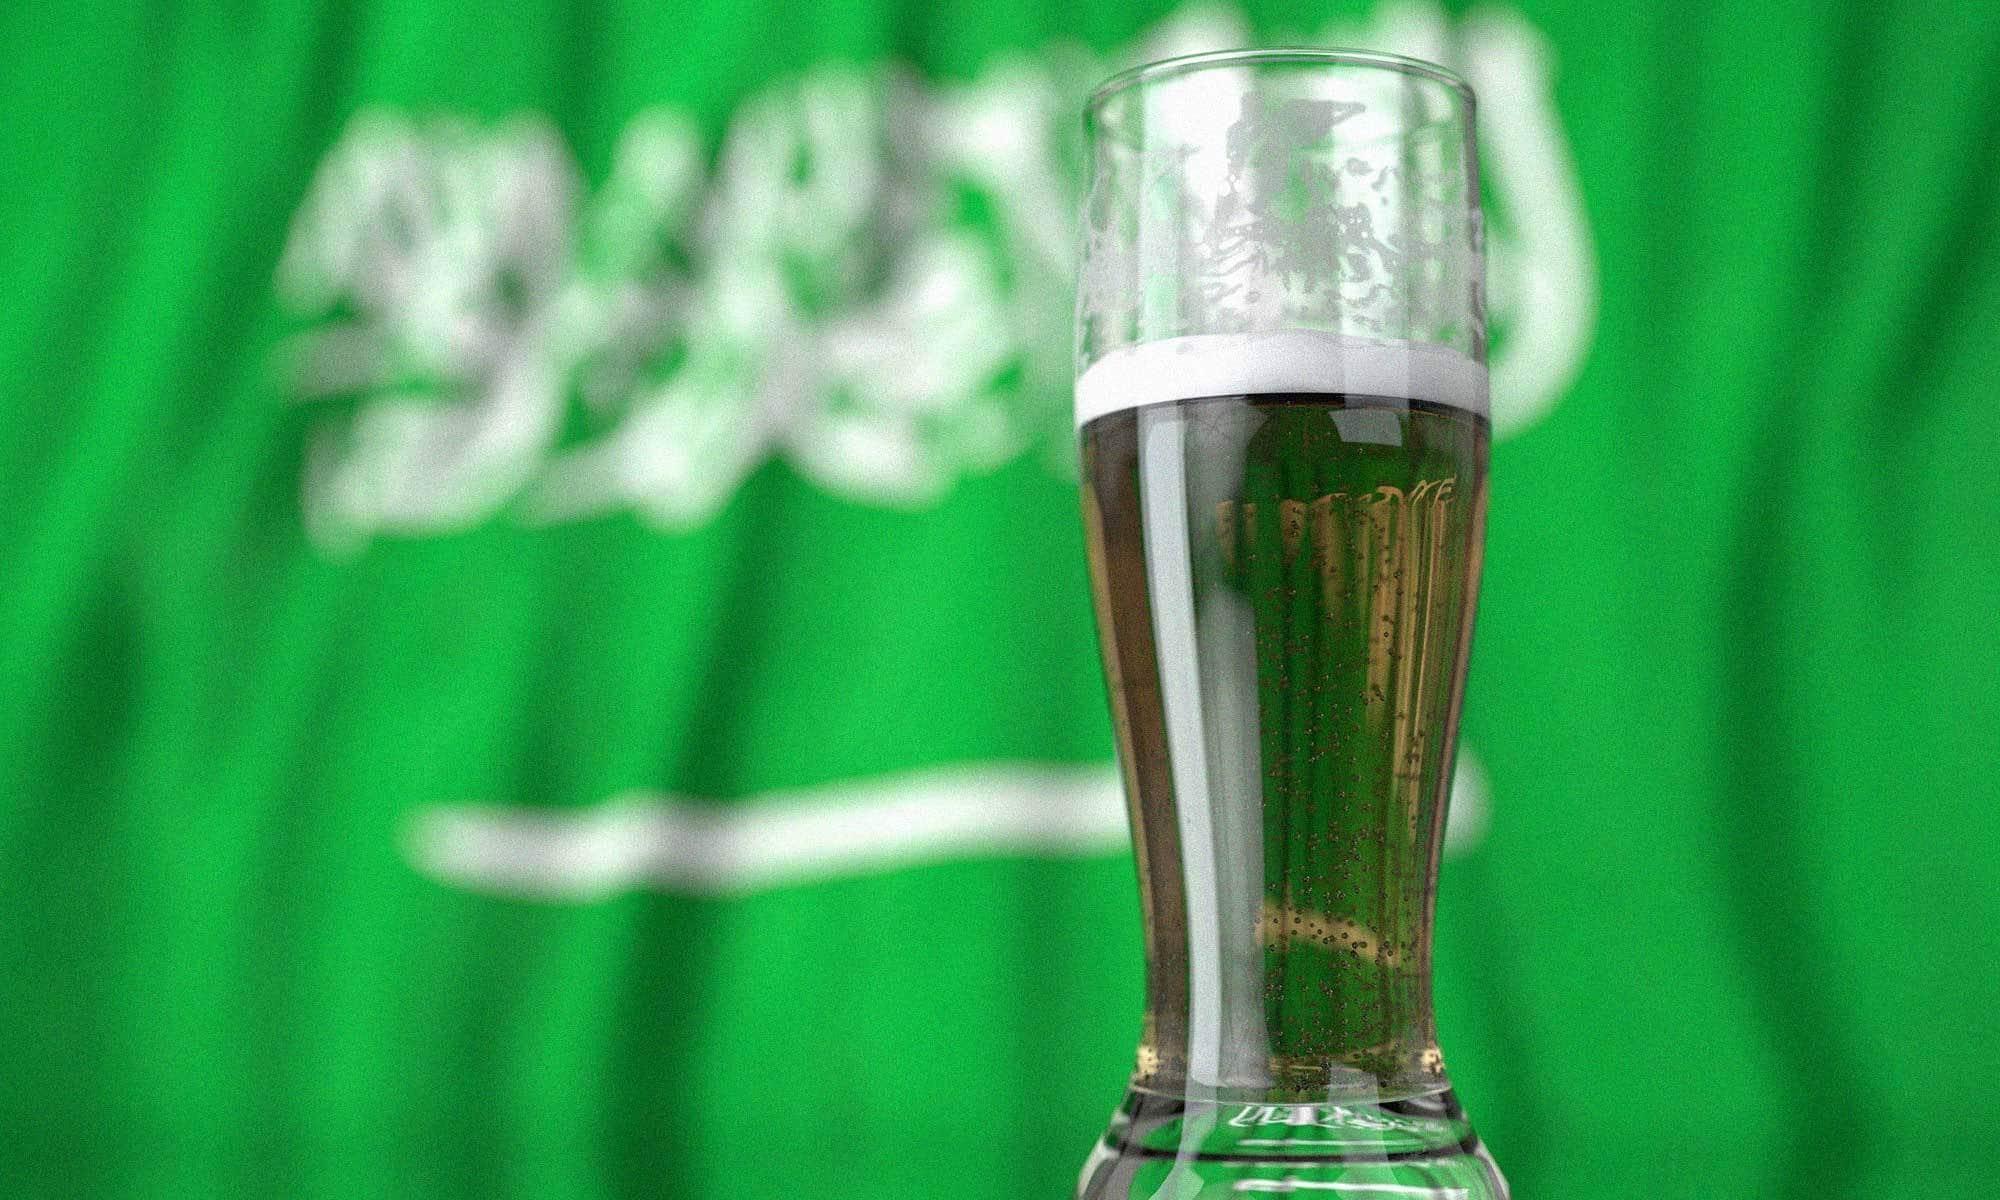 """""""إم بي سي"""" تروج لشرب الخمور وتحذر السعوديين من الأنواع المغشوشة (شاهد)"""